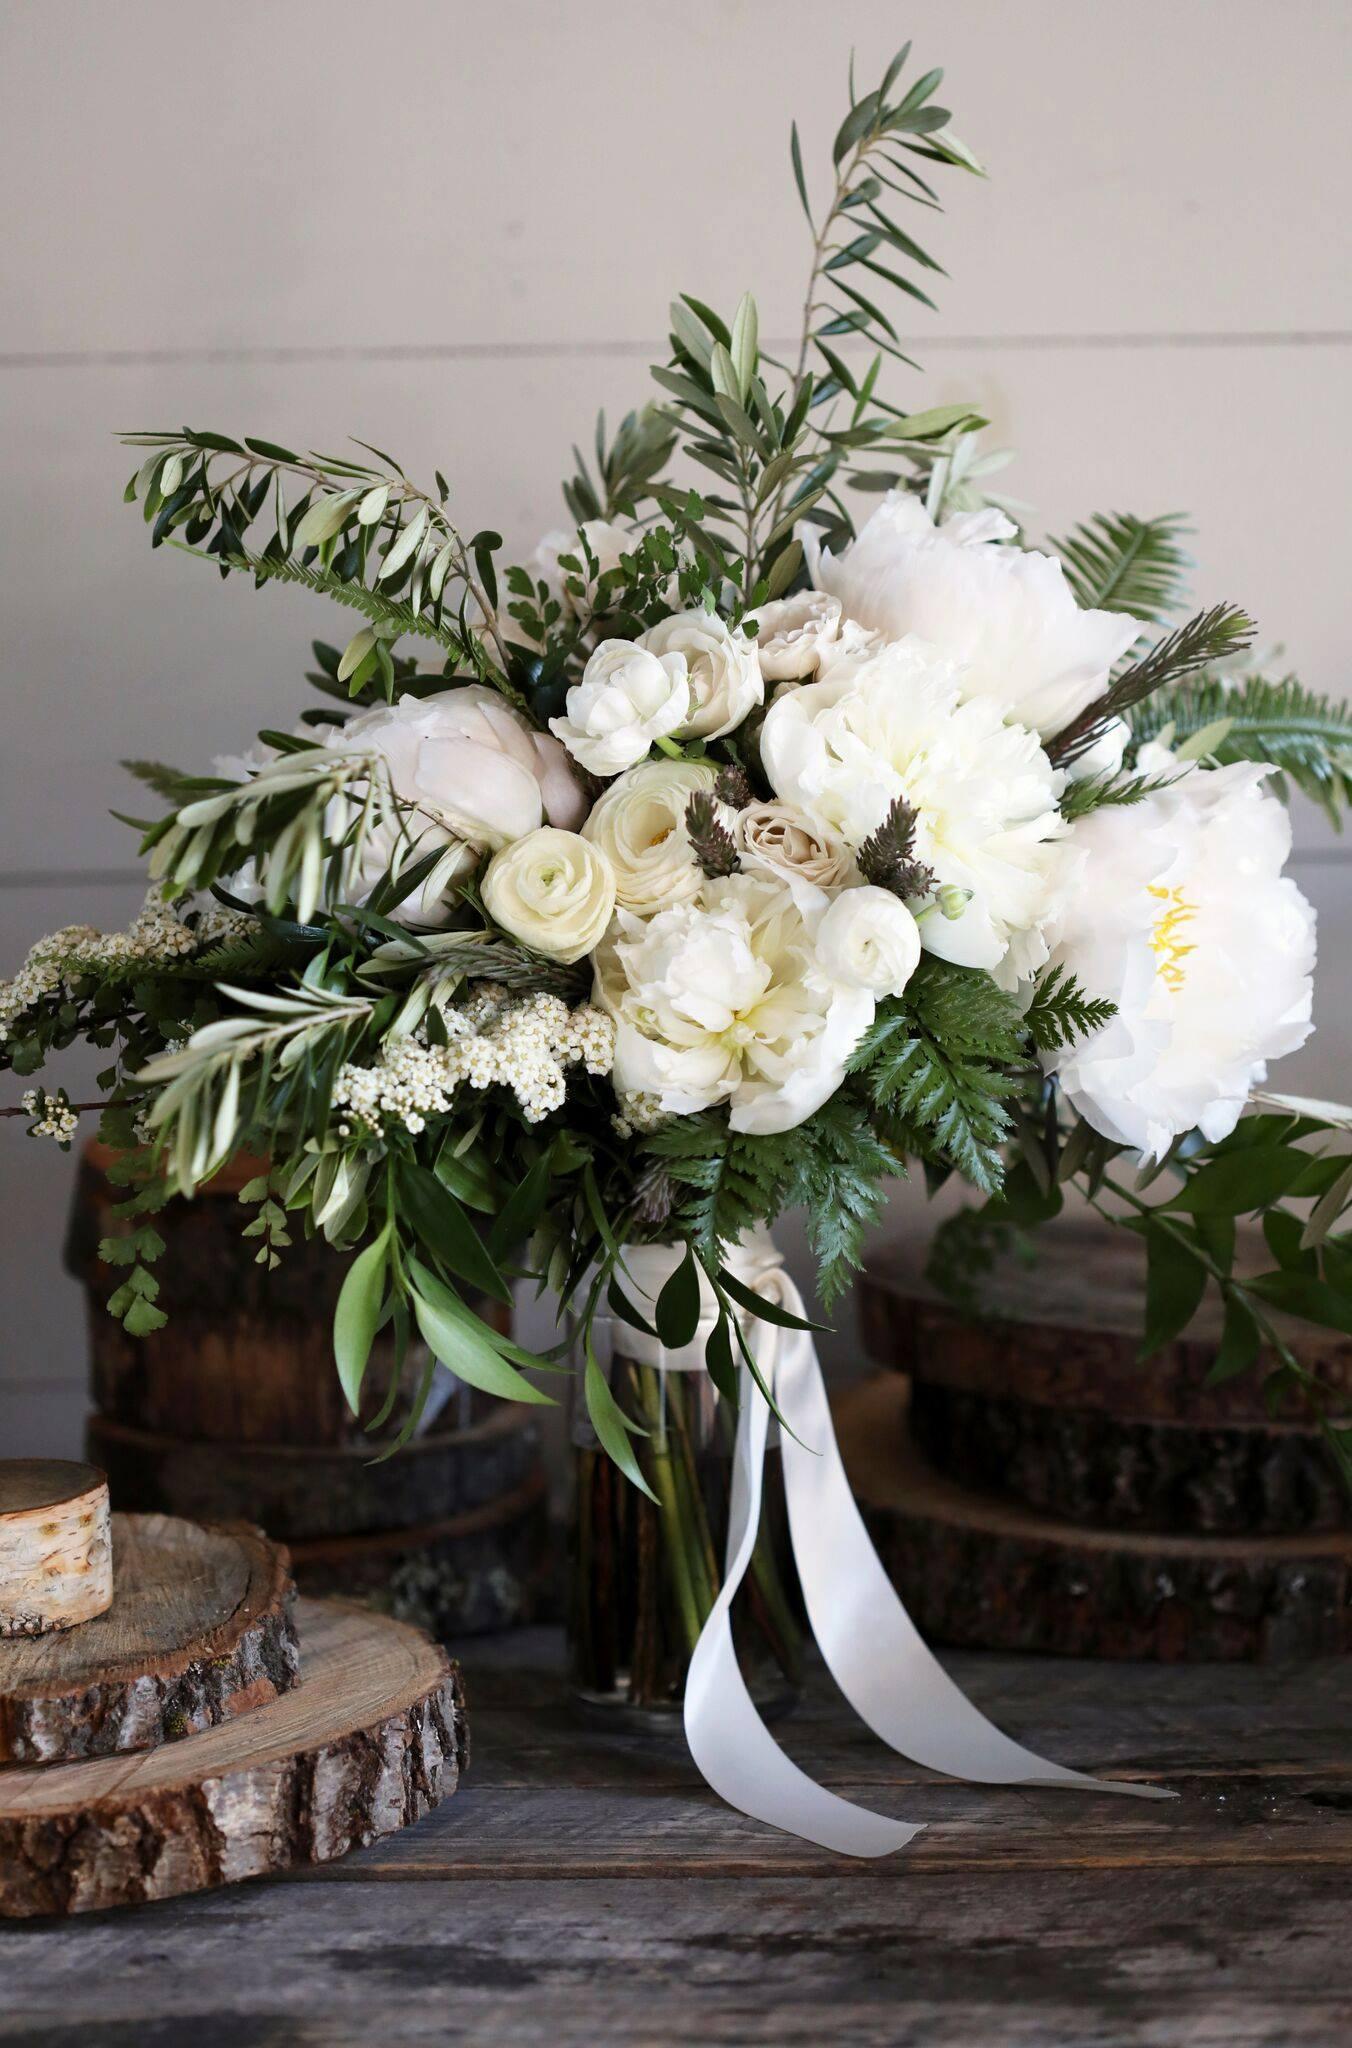 2018 Prairie & Seth - Hidden Pond bouquet detail no bride.jpg